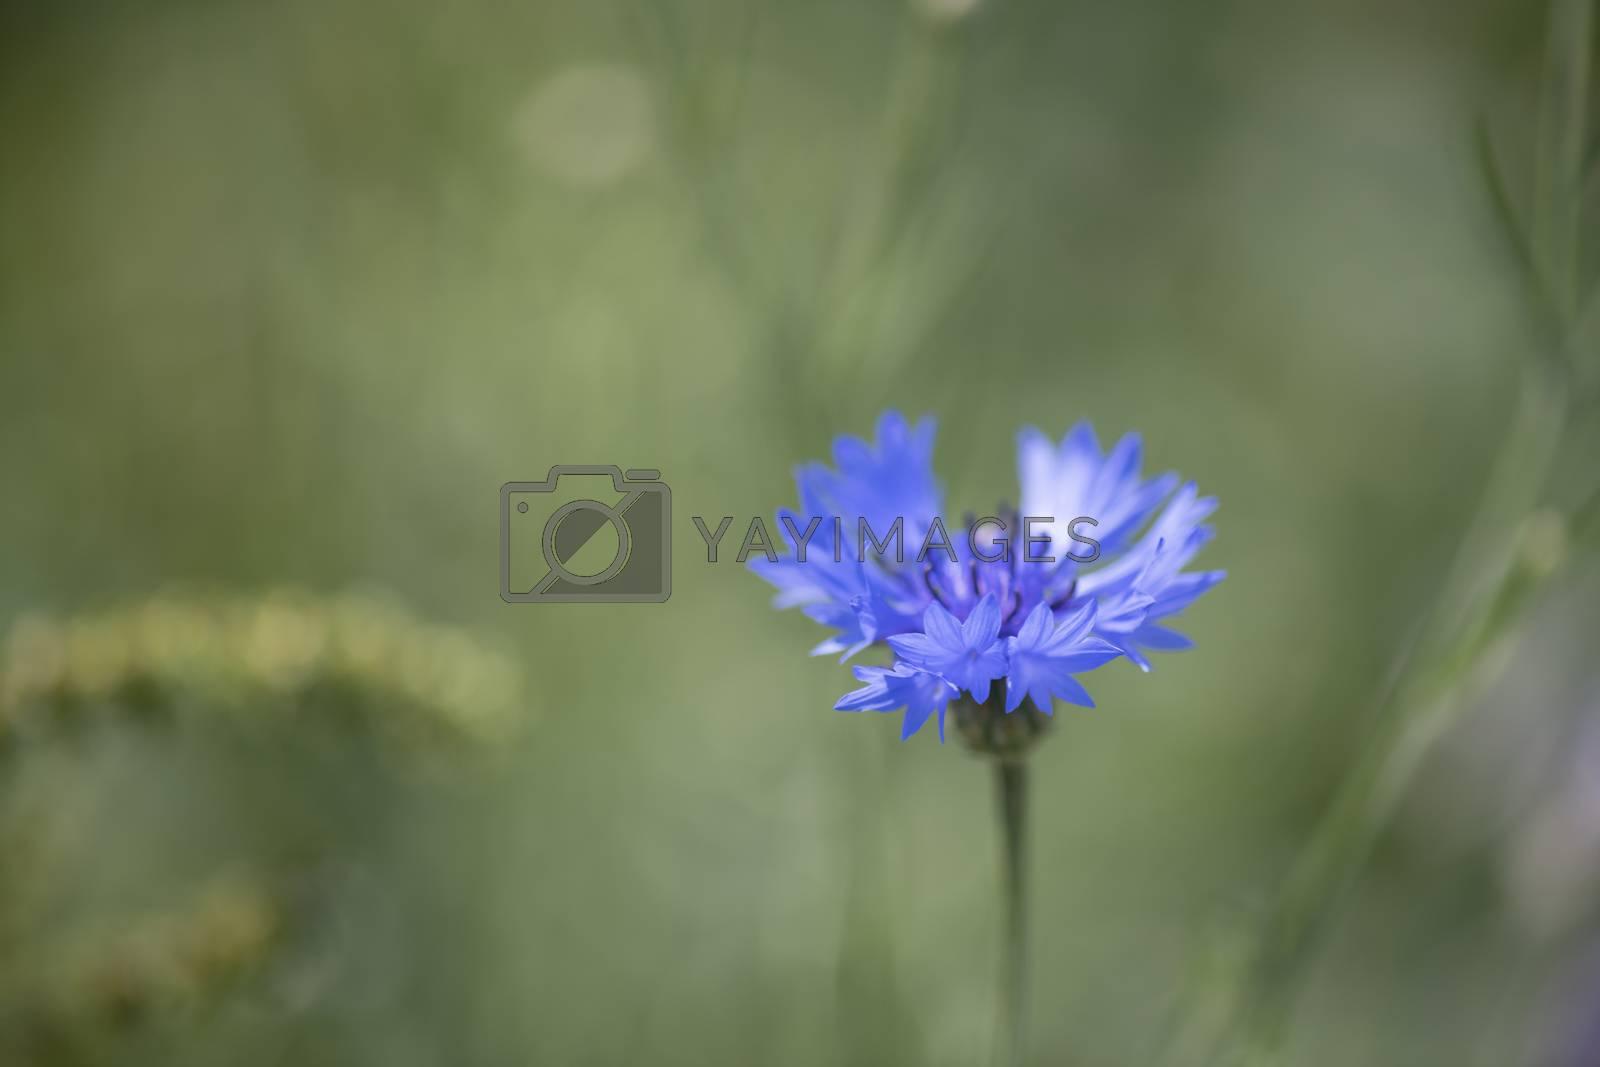 Cornflower Centaurea cyanus also called wild cornflowe belonging to the sunflower family